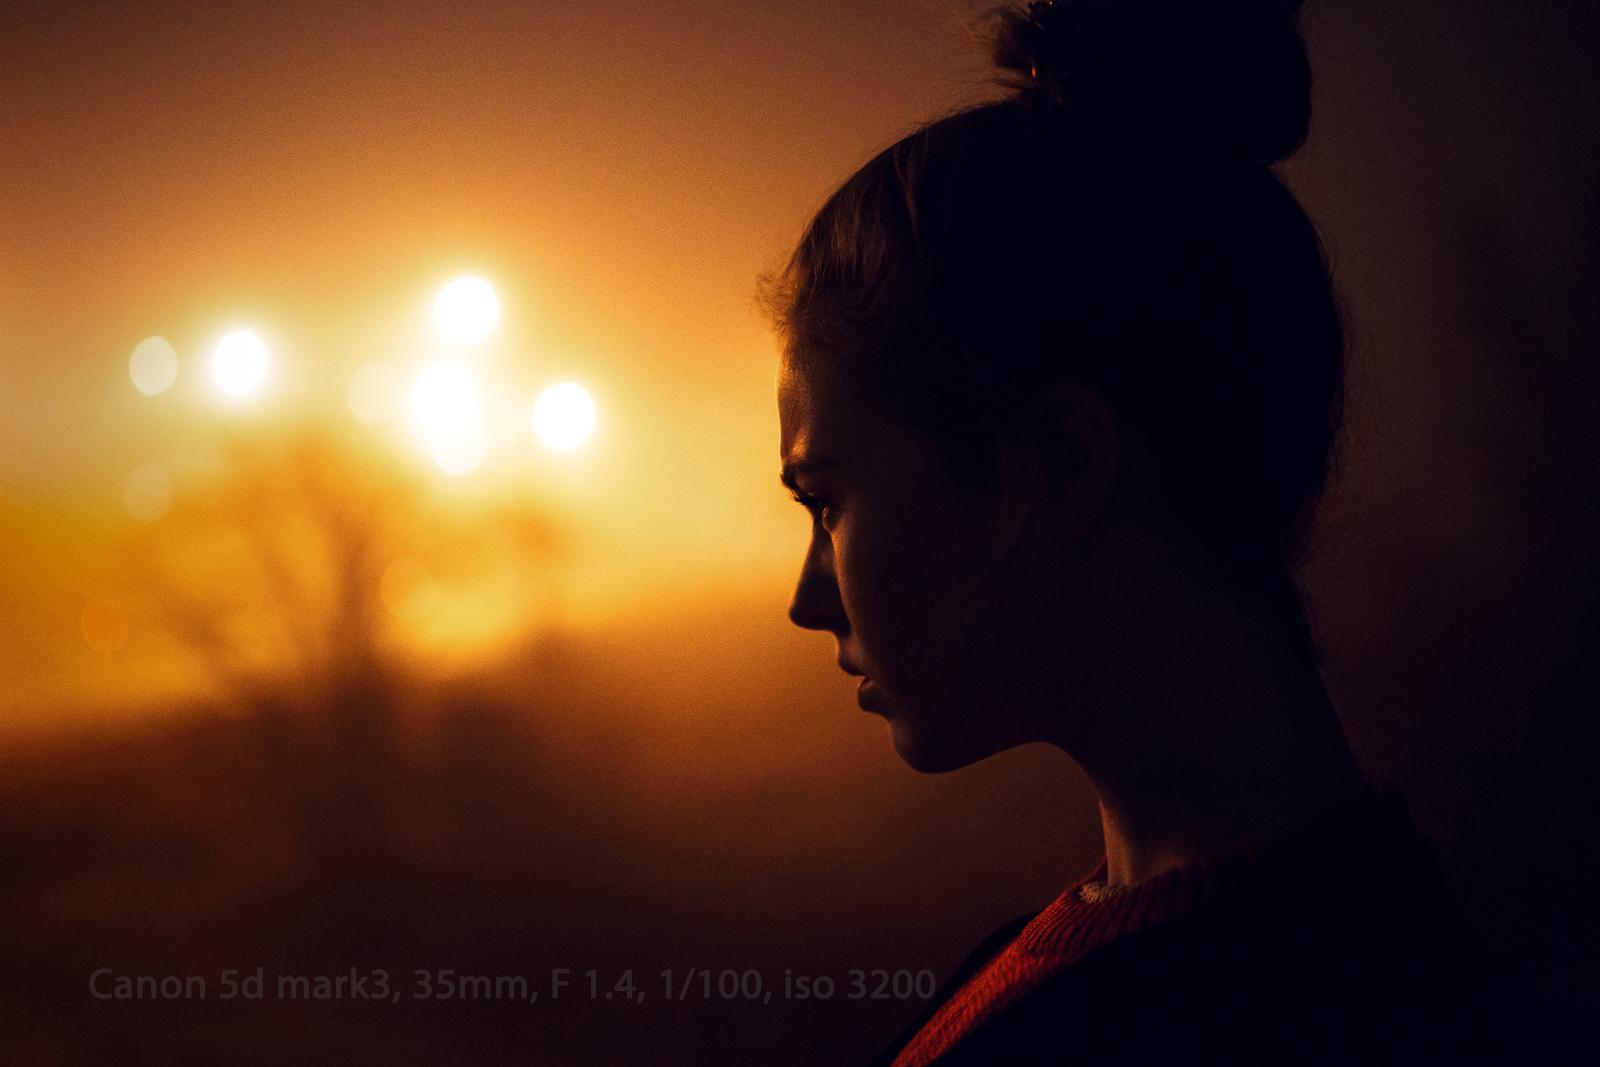 как фотографировать в темное время суток людей без развлечений